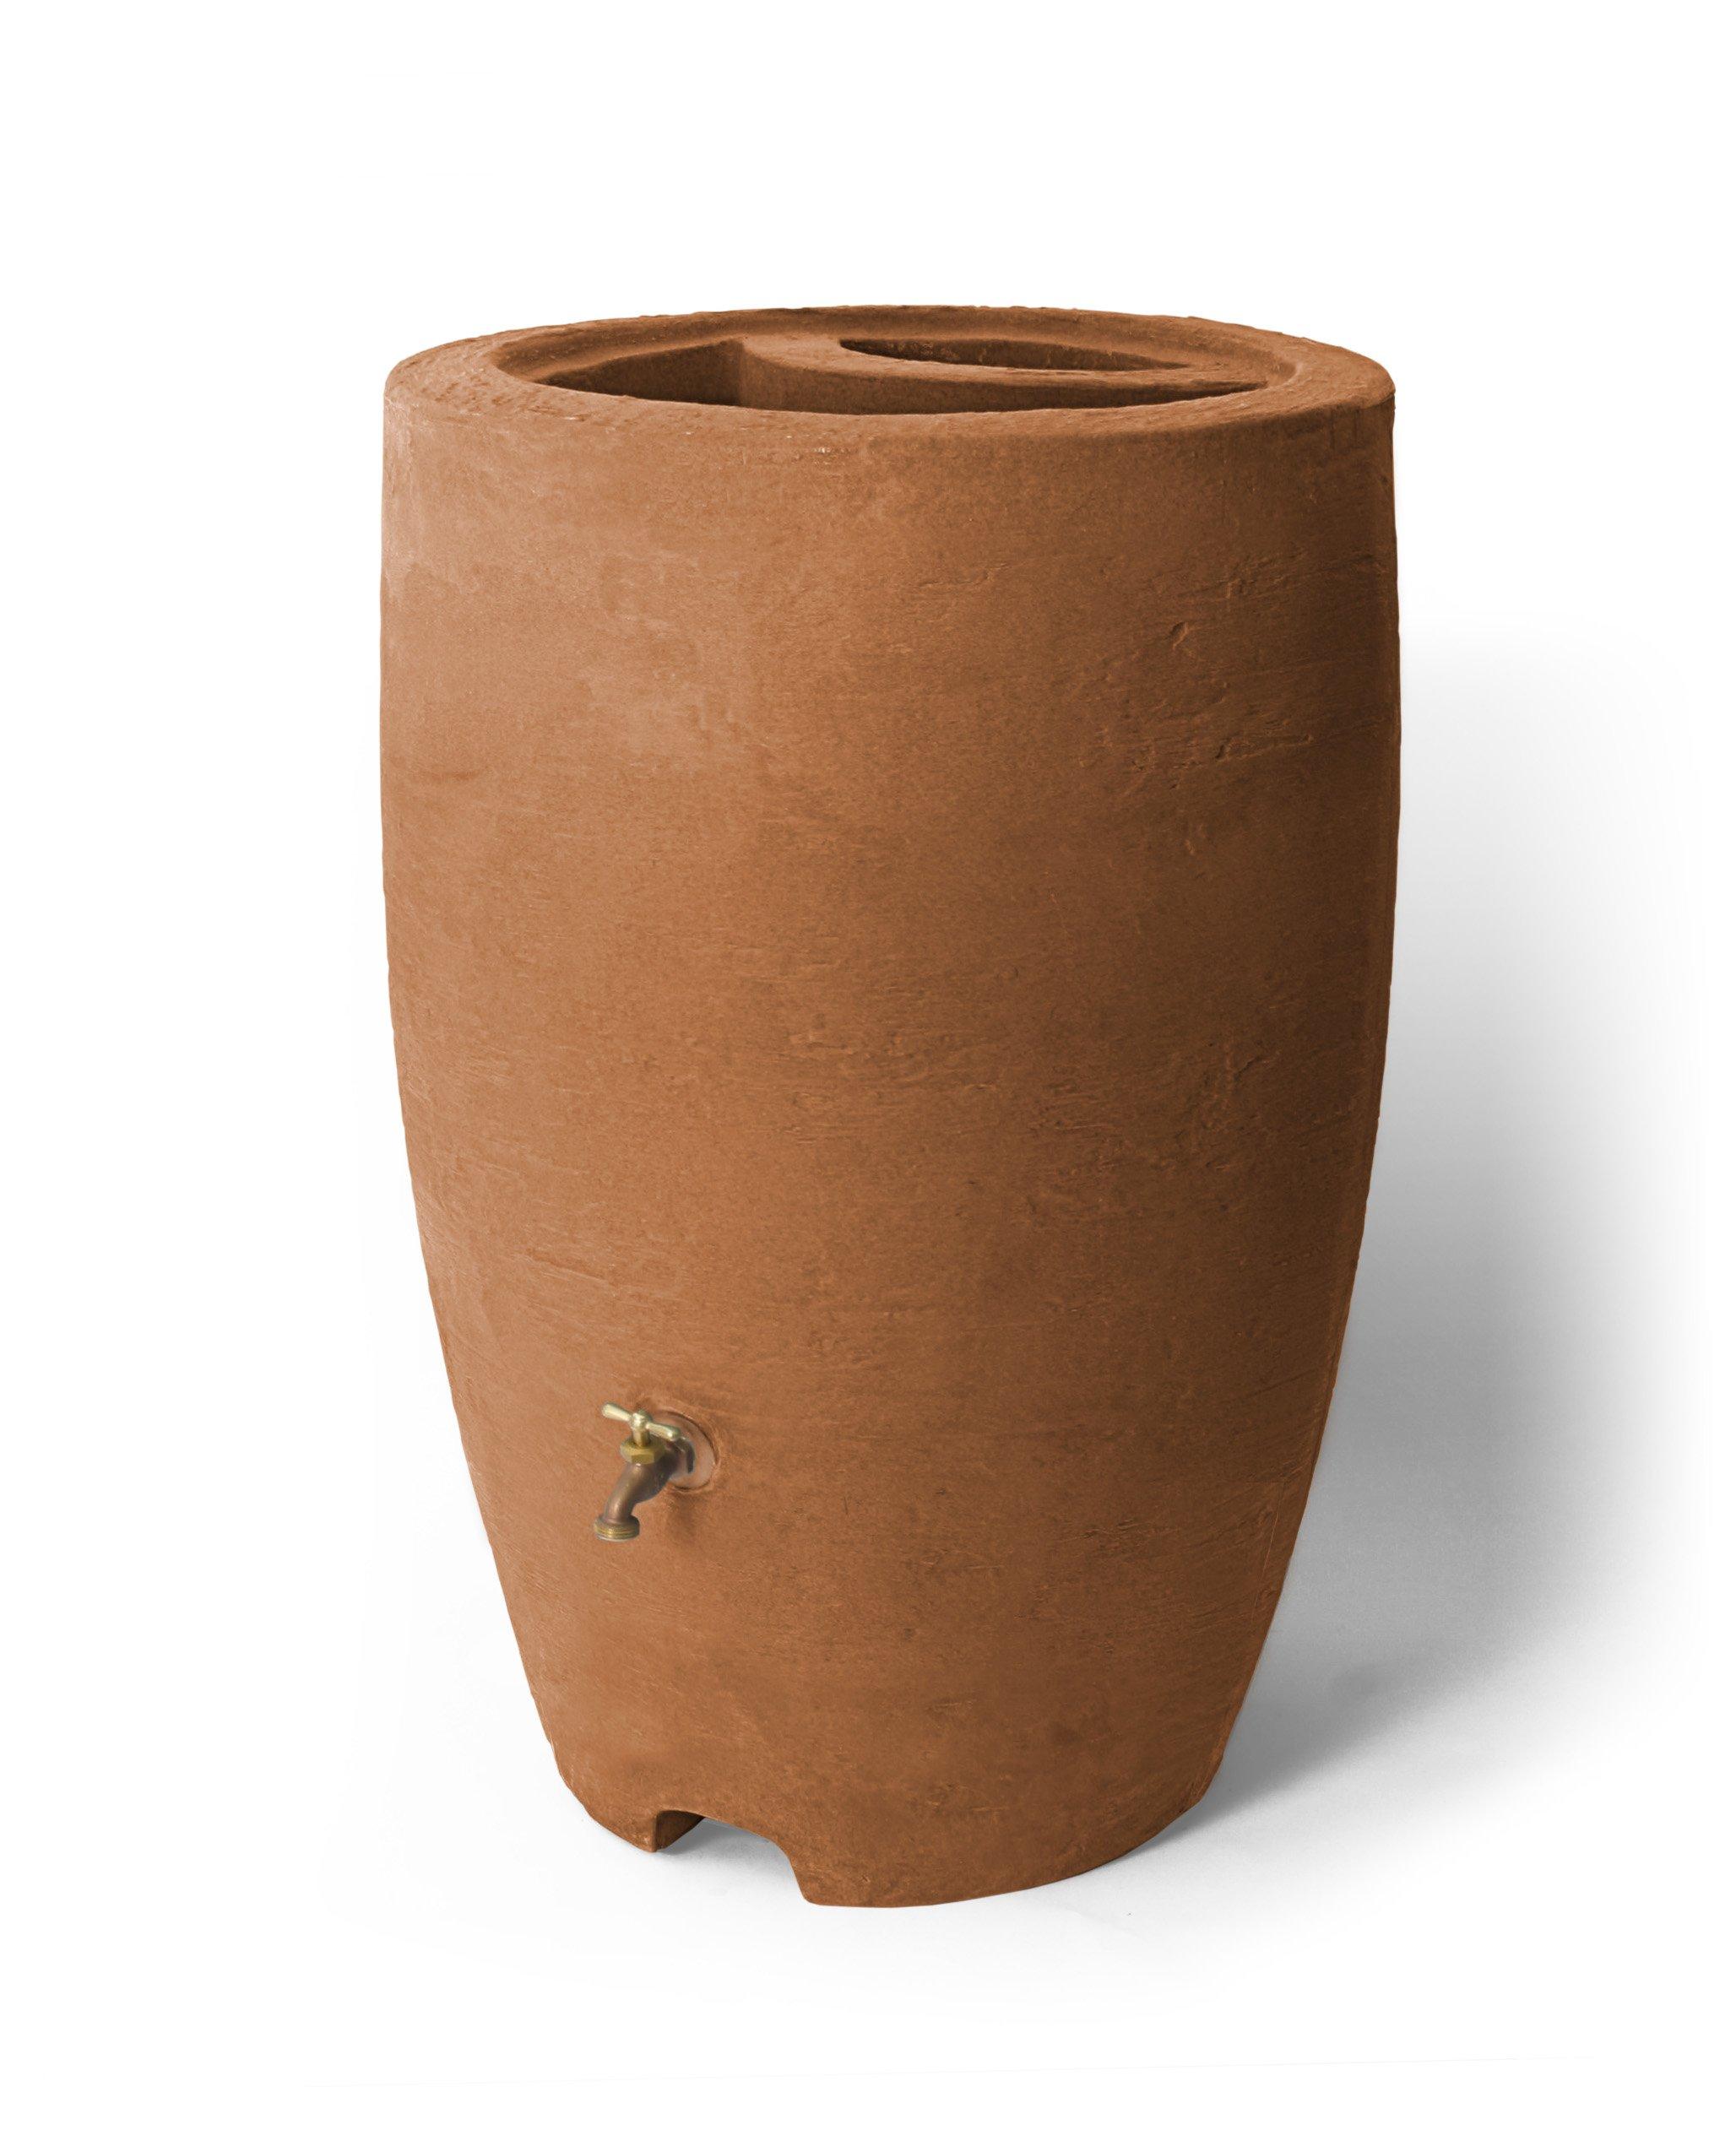 Algreen Products Athena Rain Barrel 50-Gallon, Terra Cotta by Algreen